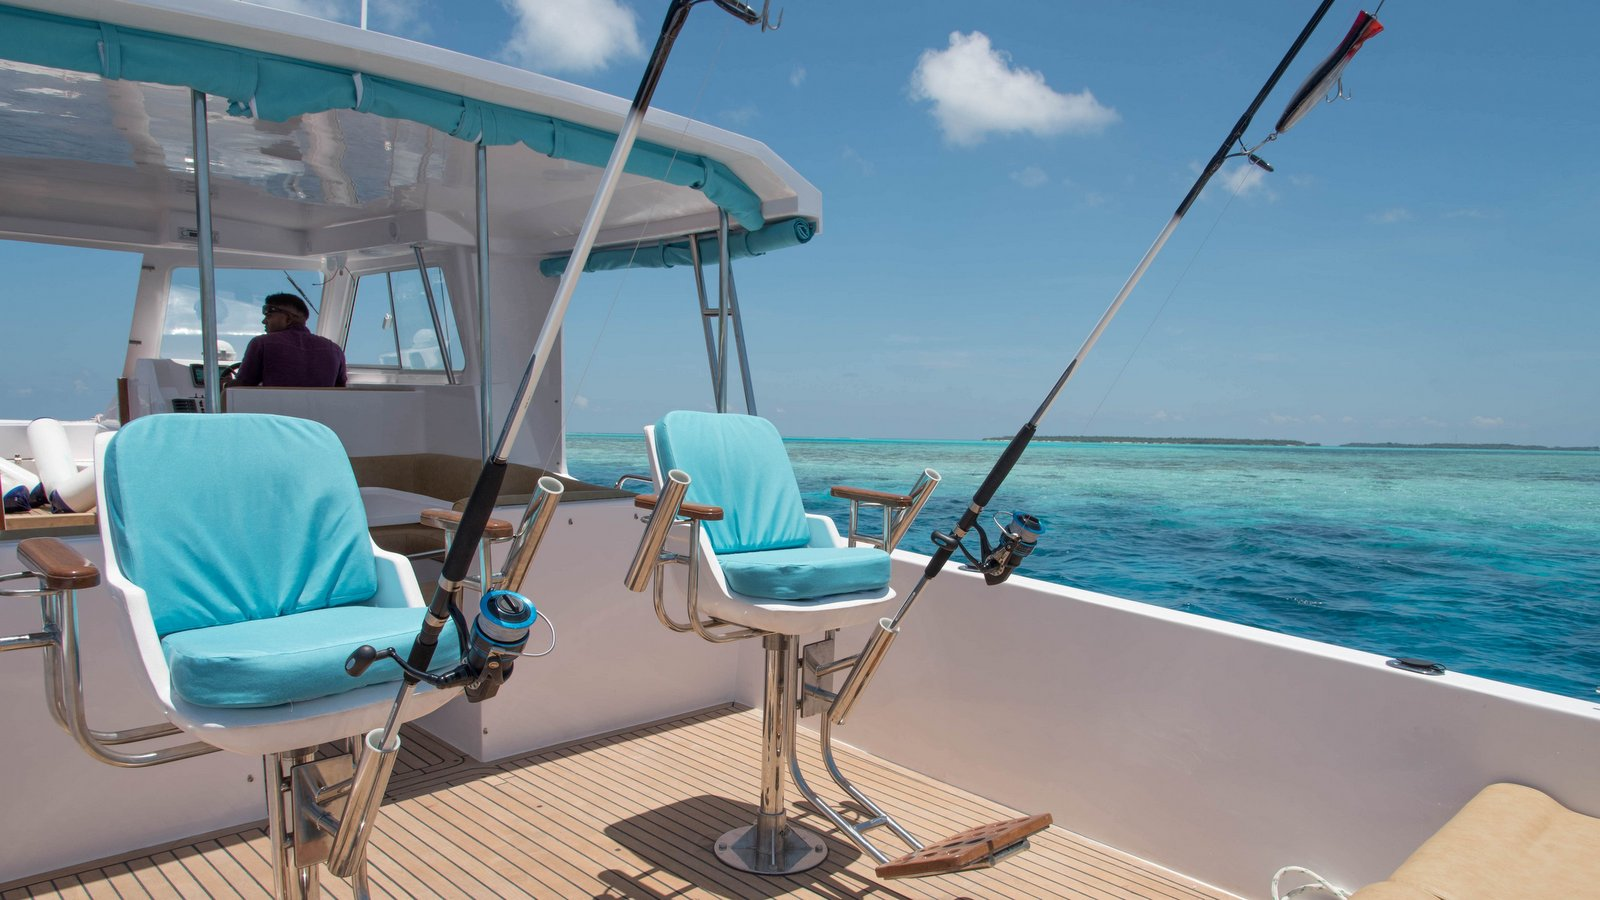 Мальдивы, отель Hideaway Beach Resort & Spa, рыбалка